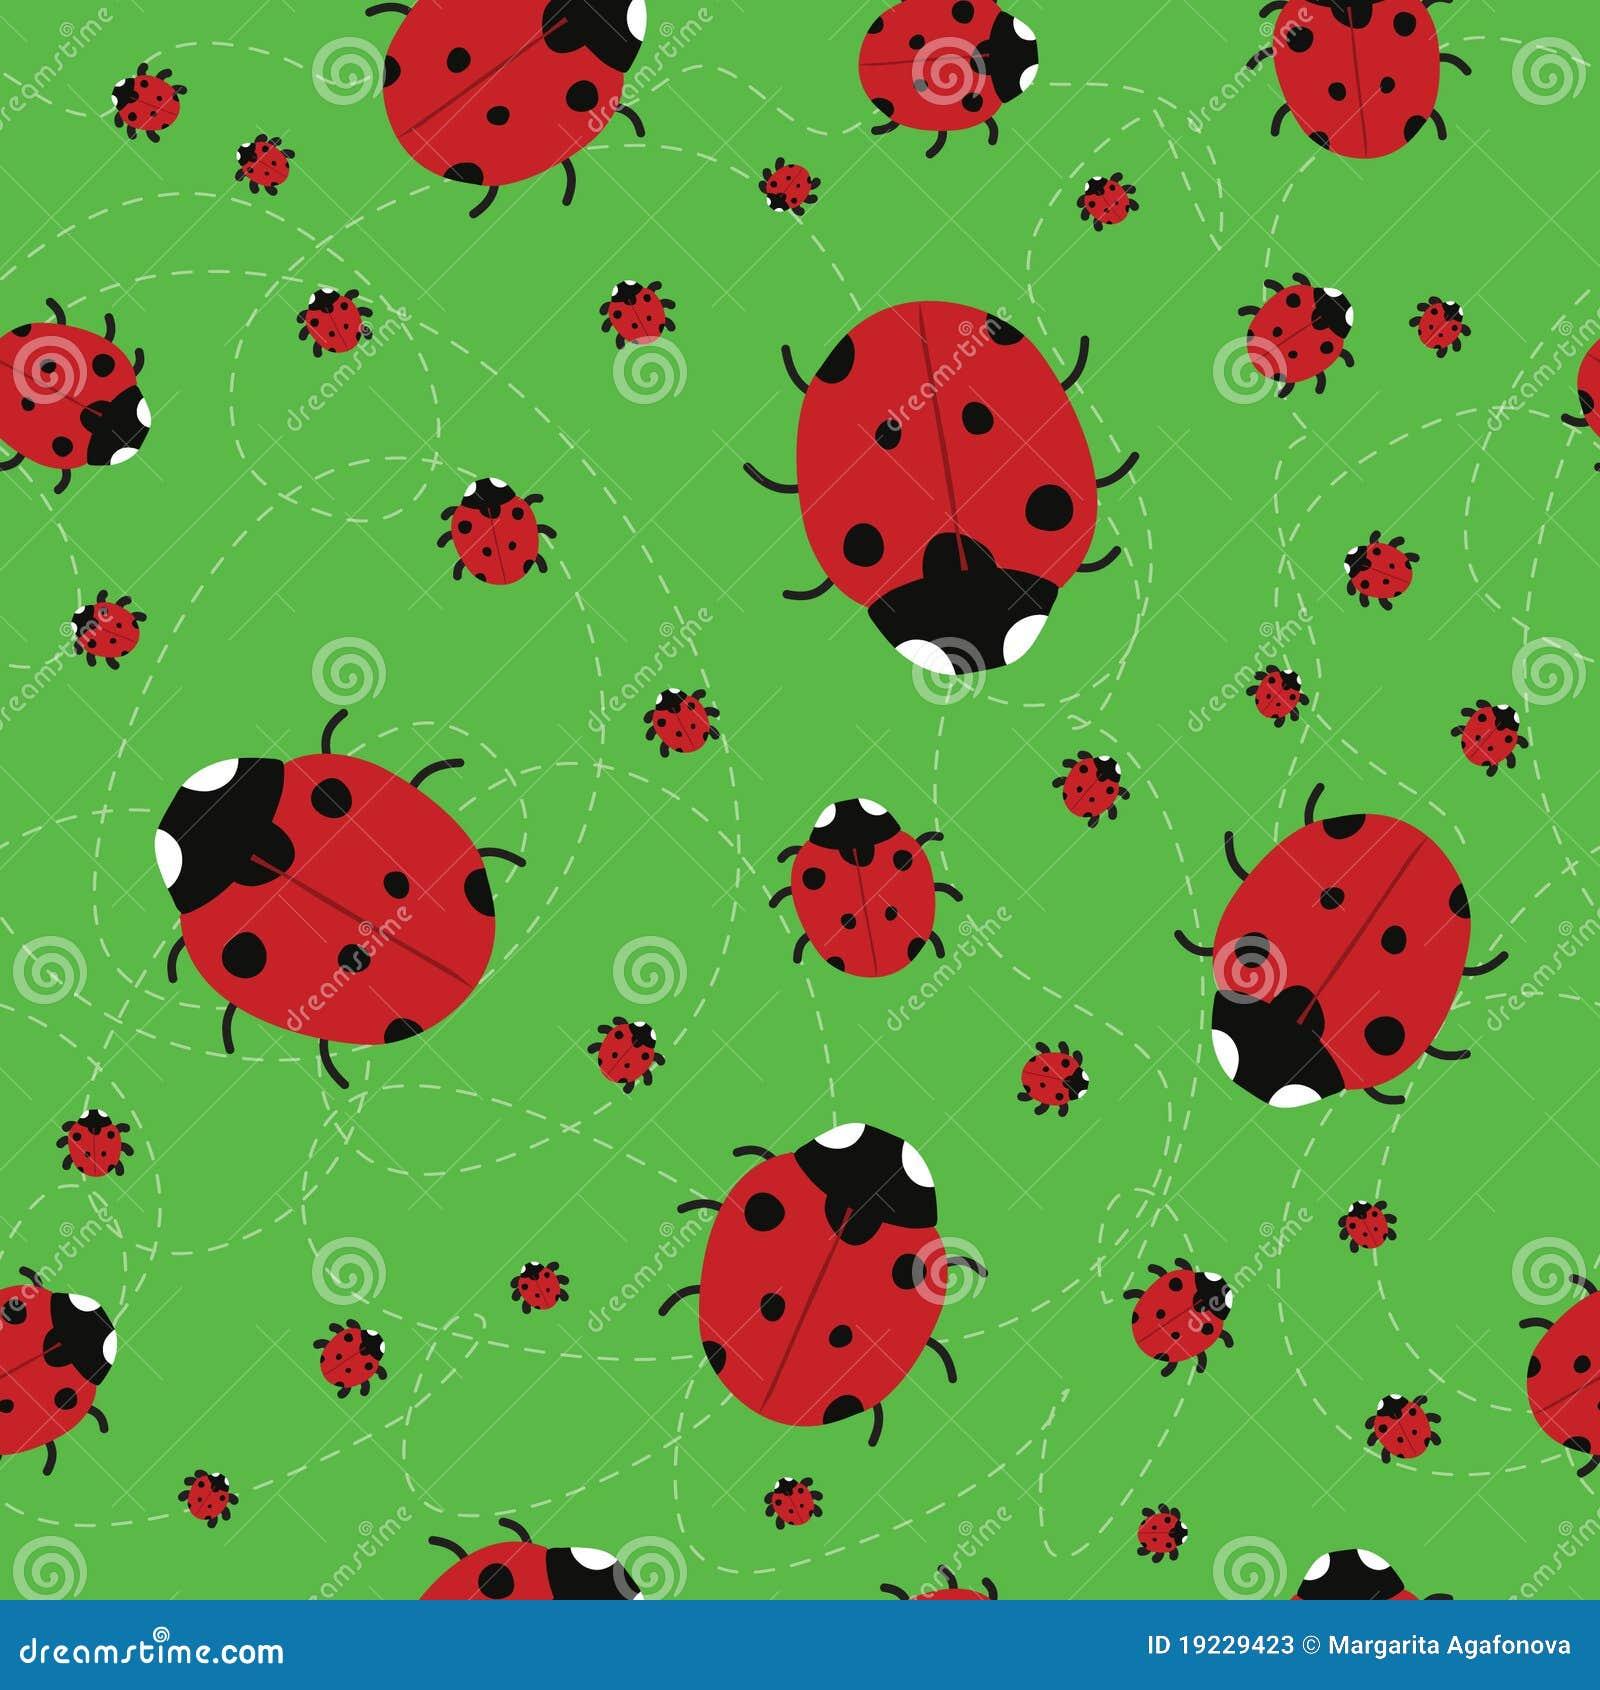 fond vert sans joint avec des coccinelles photos stock image 19229423. Black Bedroom Furniture Sets. Home Design Ideas